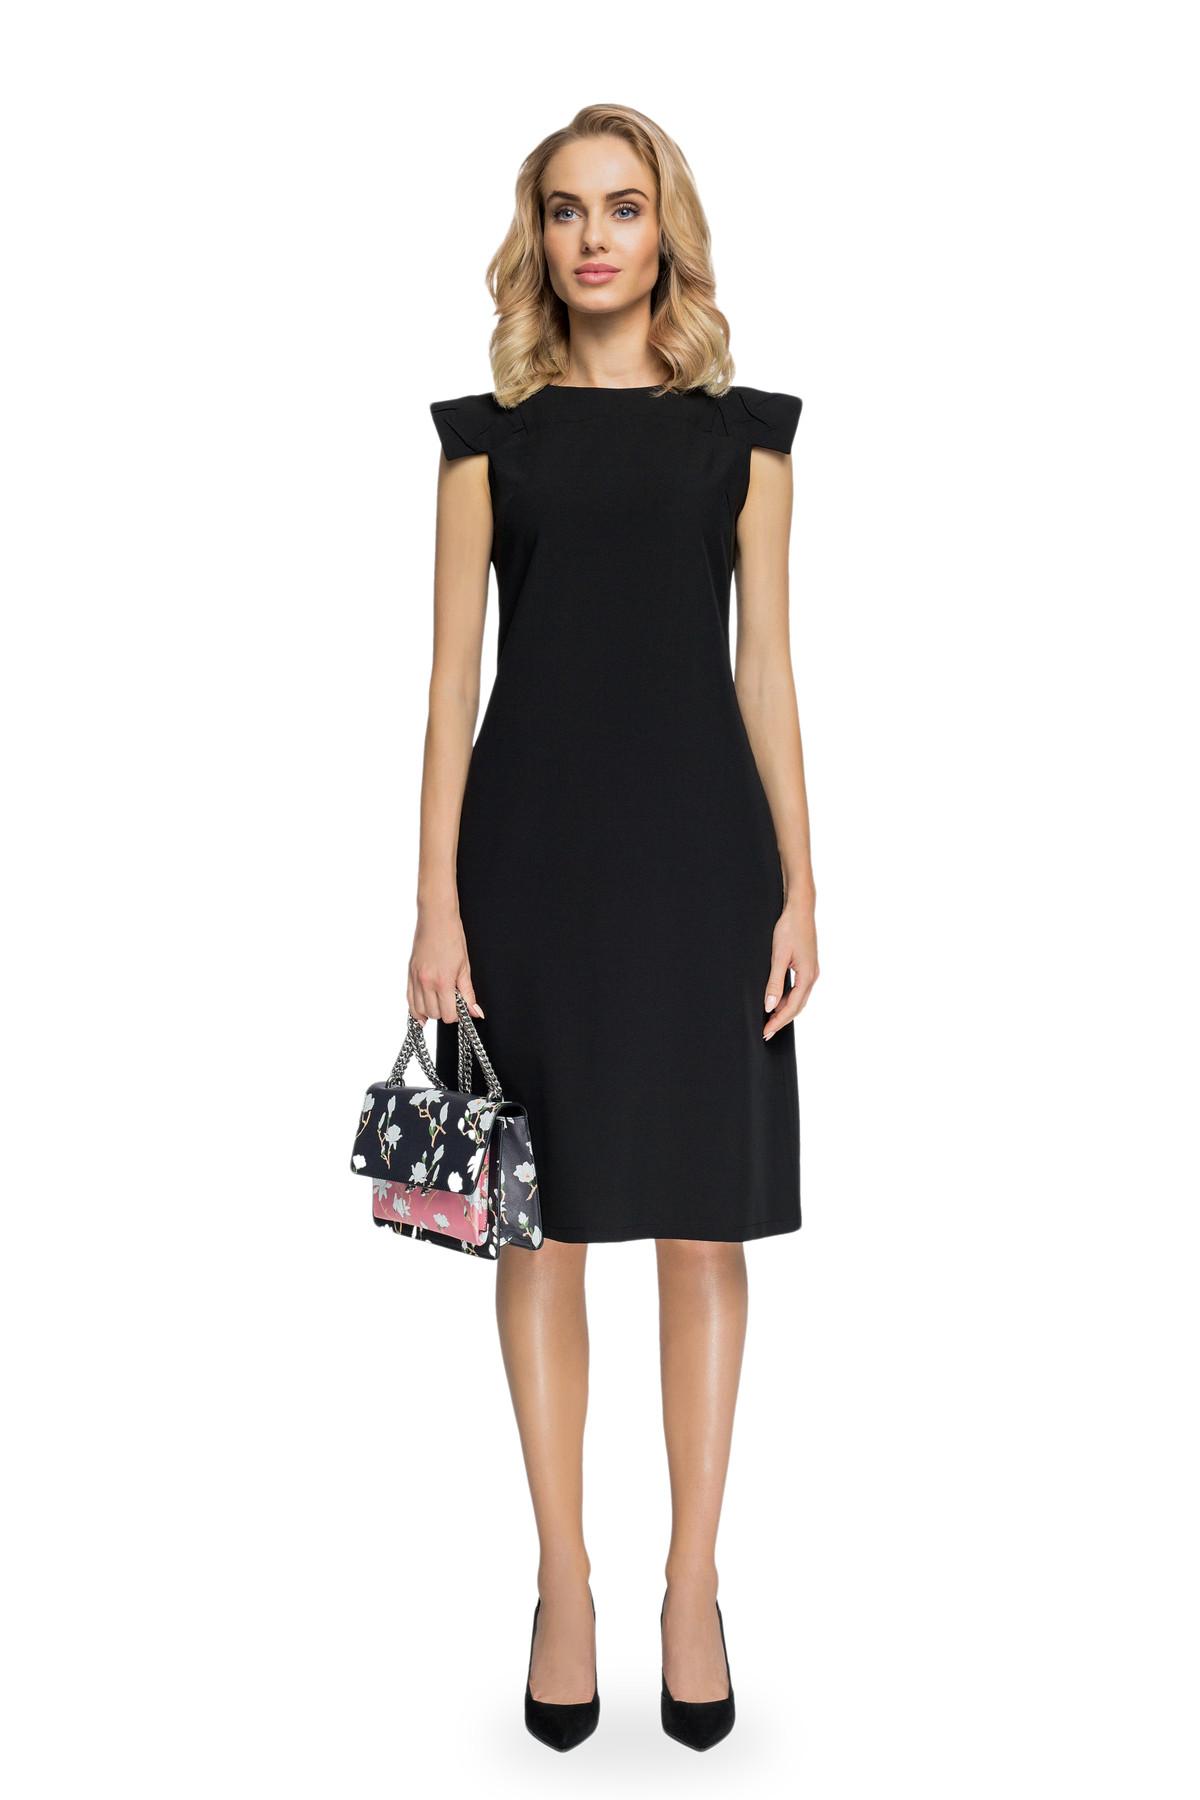 Clea A-Linie Kleid mit Schulter Plättchen Damen Kleider Abendkleider